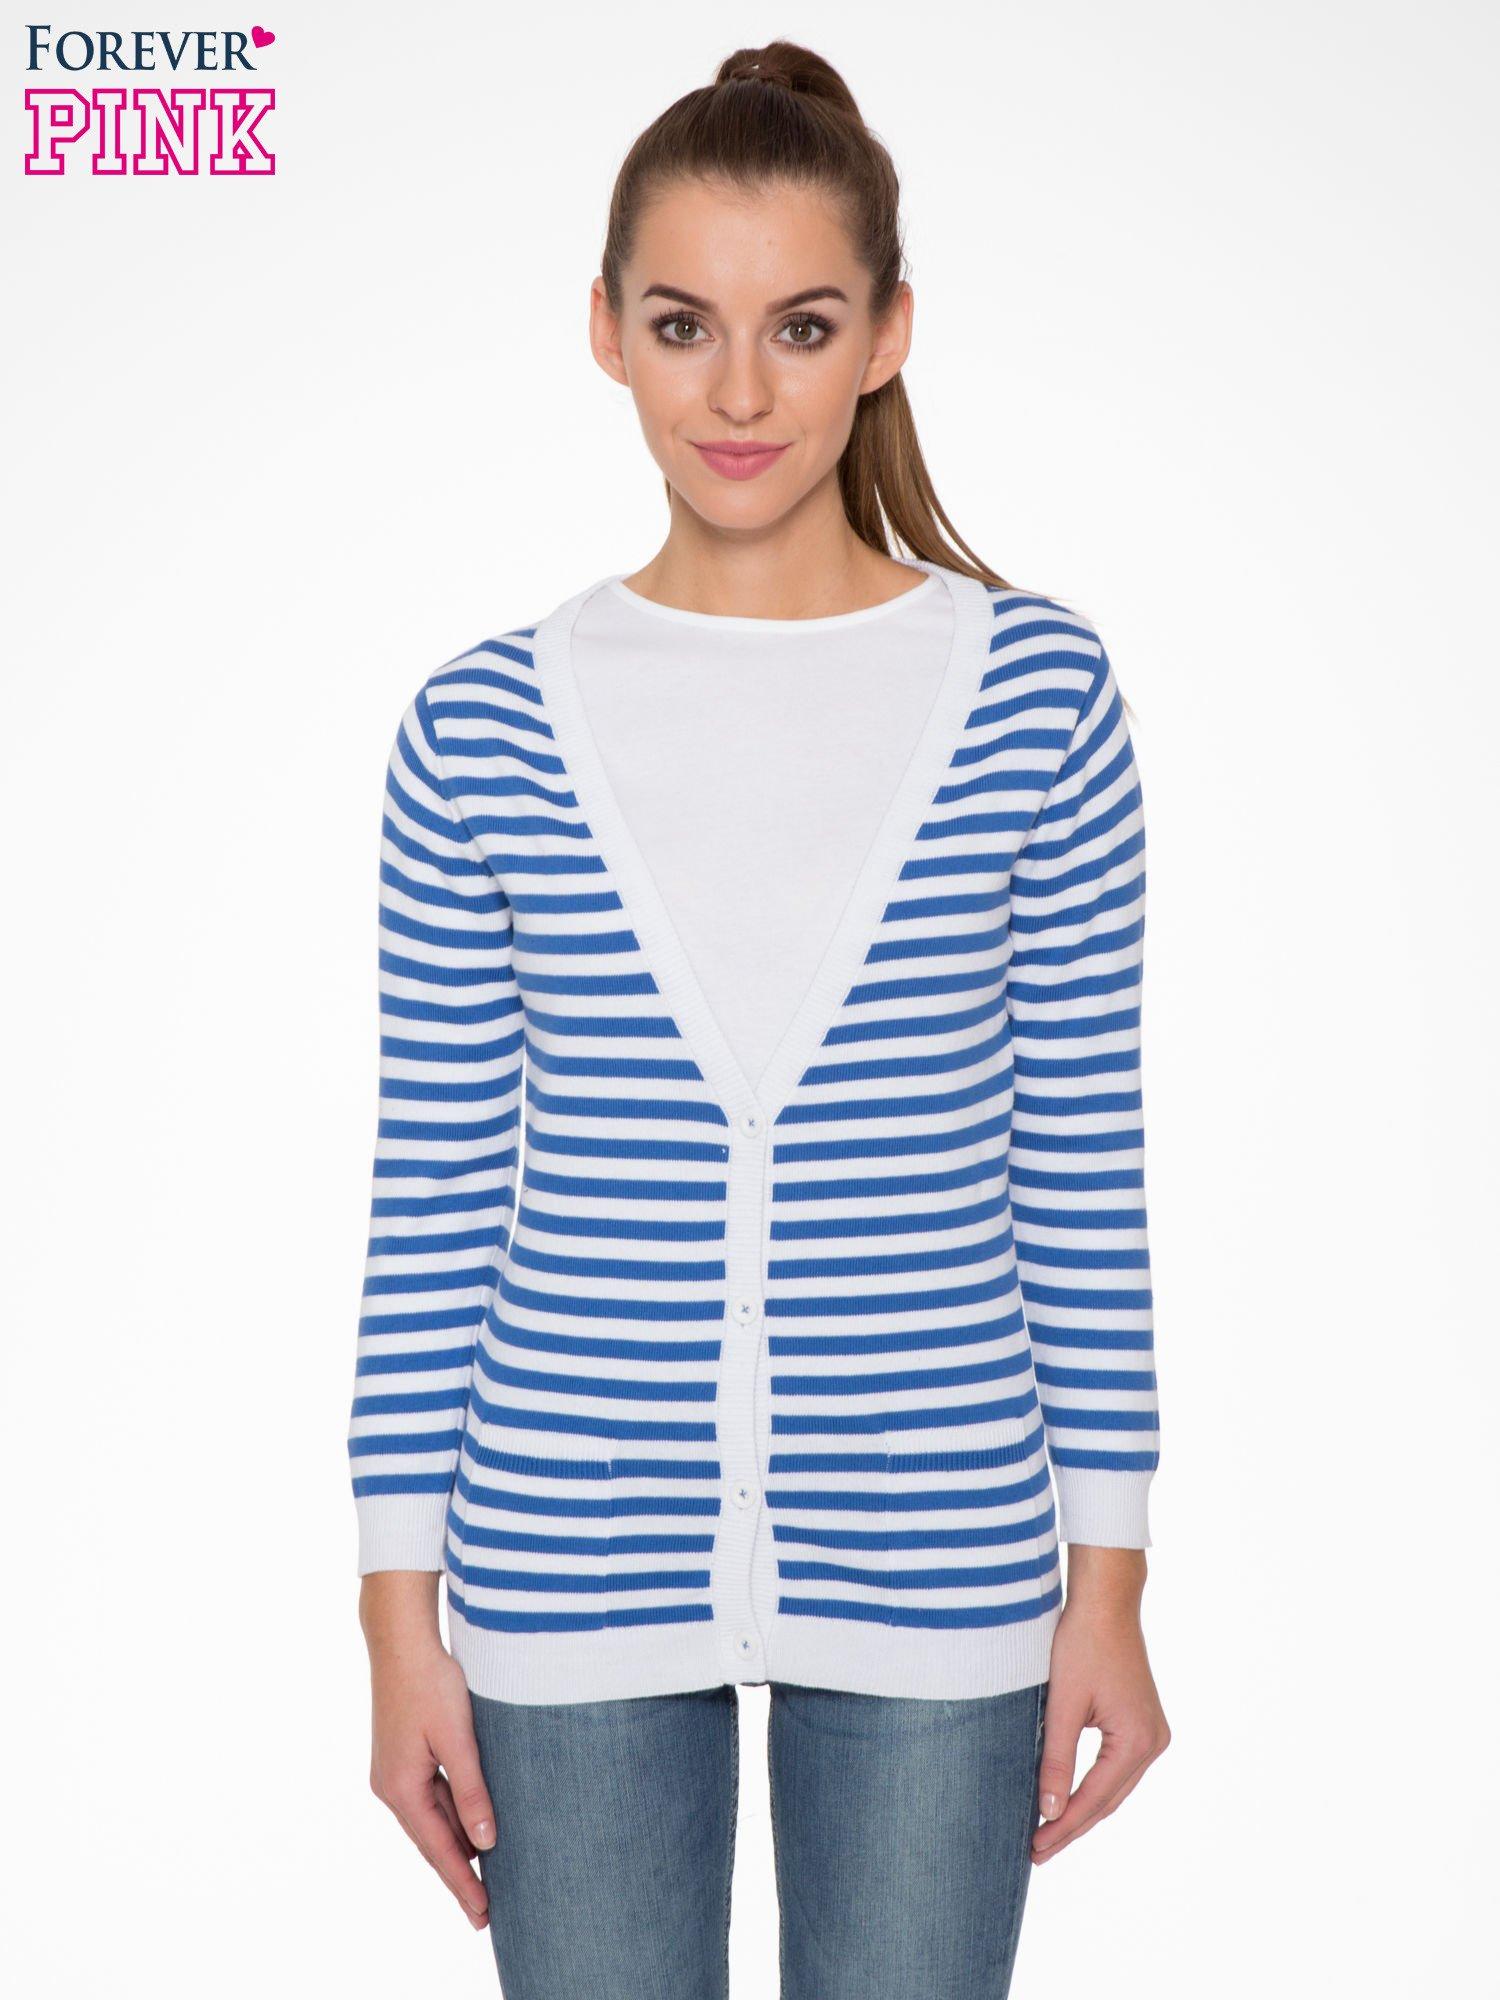 Rozpinany sweter w biało-niebieskie paski z kieszonkami po bokach                                  zdj.                                  1